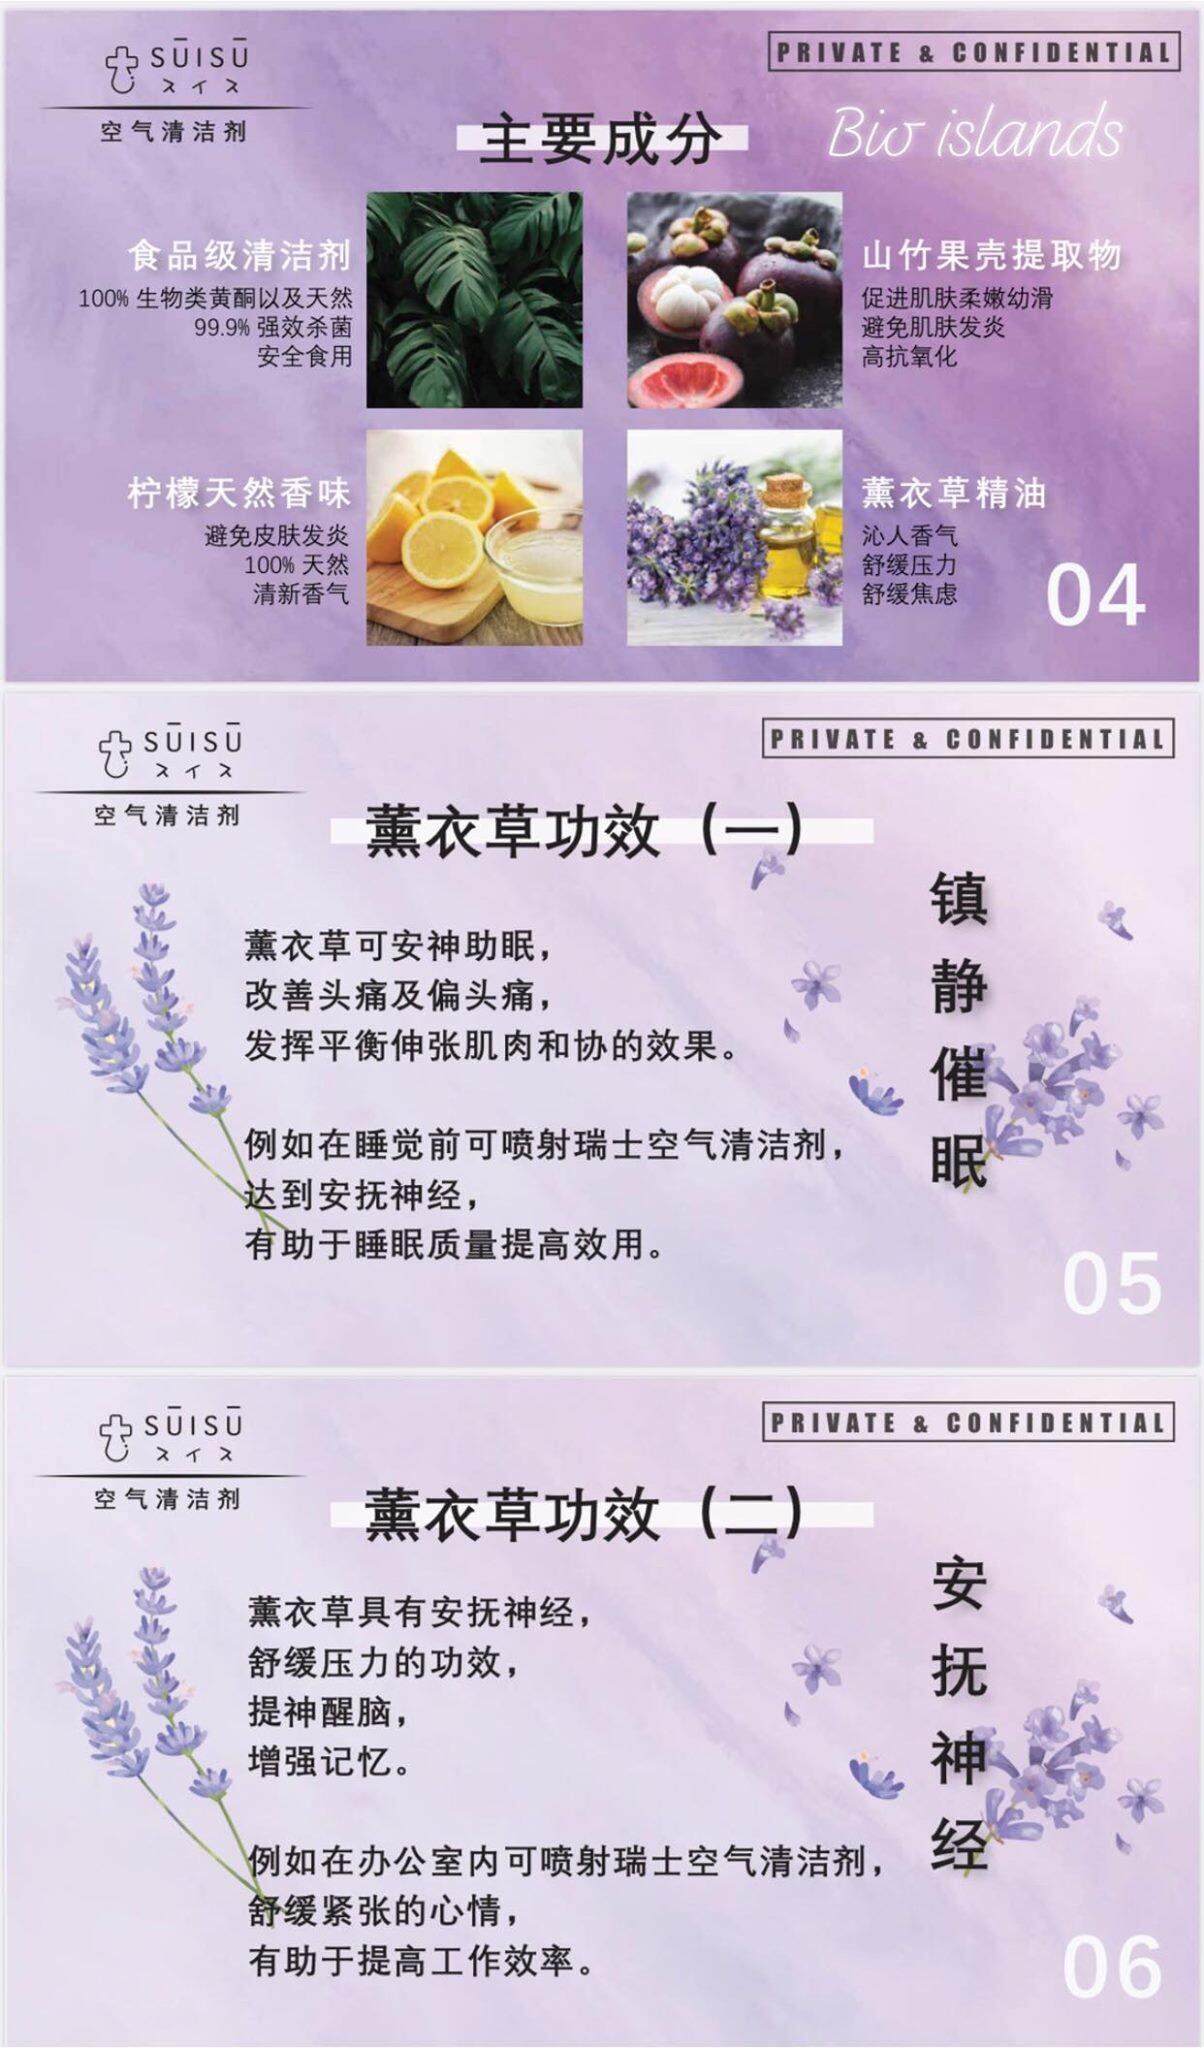 【春节配套】SUISU 100% Natural Hand Sanitizer/SUISU Air Sanitizer 100% Natural Food Grade Air Sanitizer